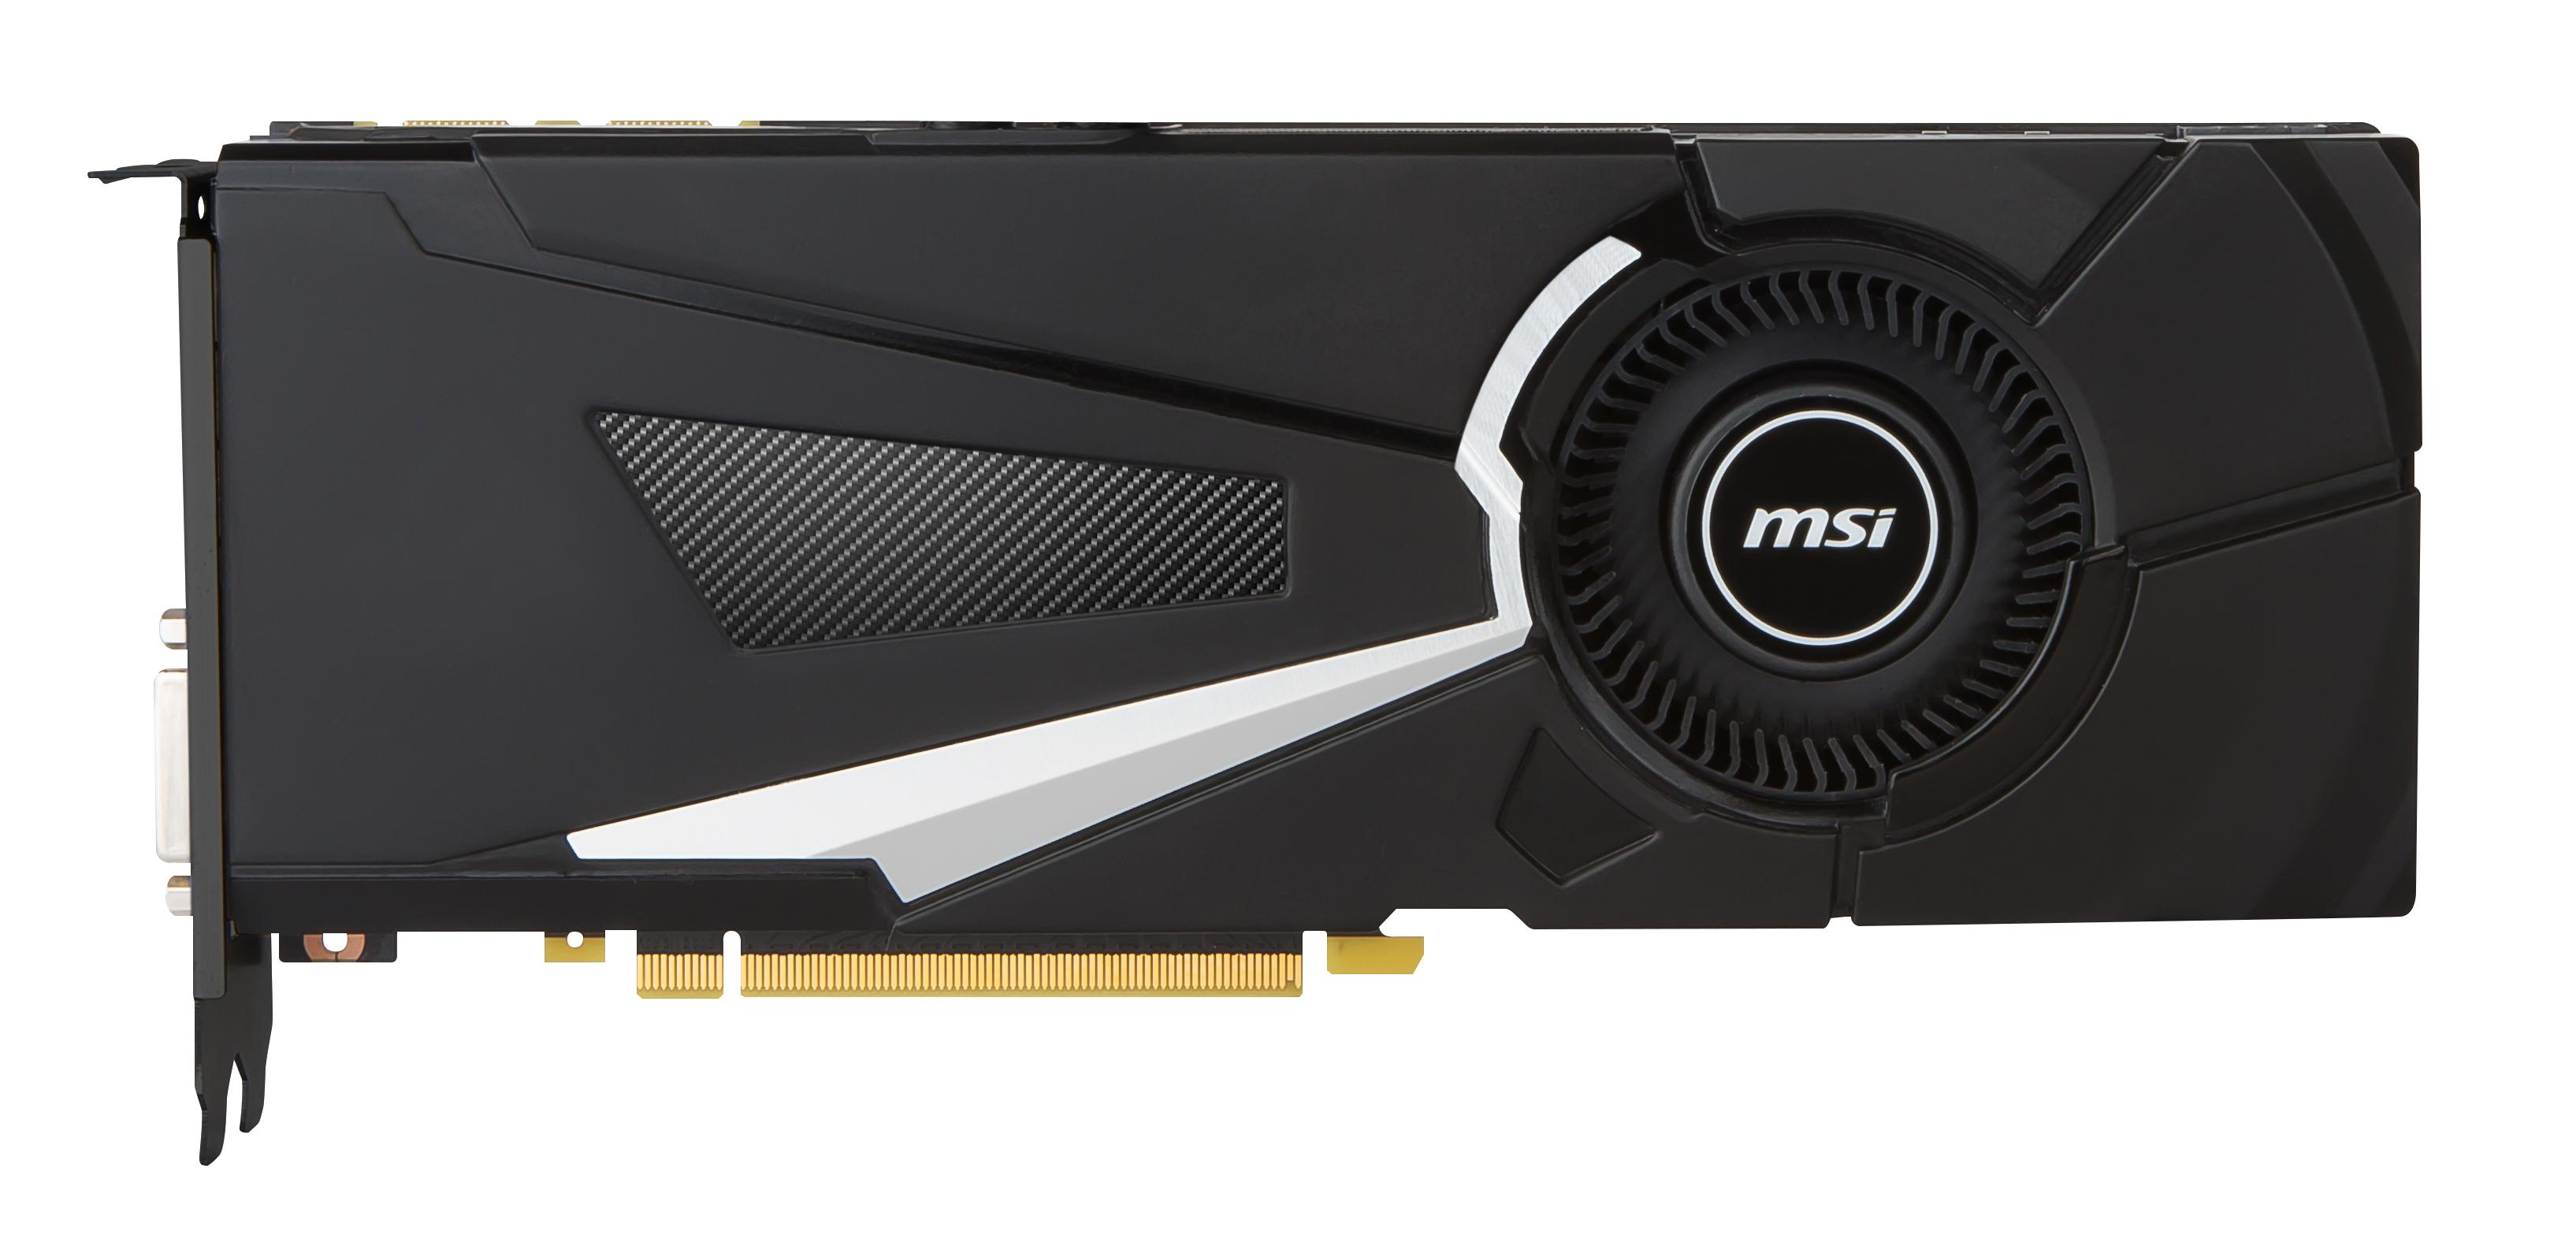 MSICV026490